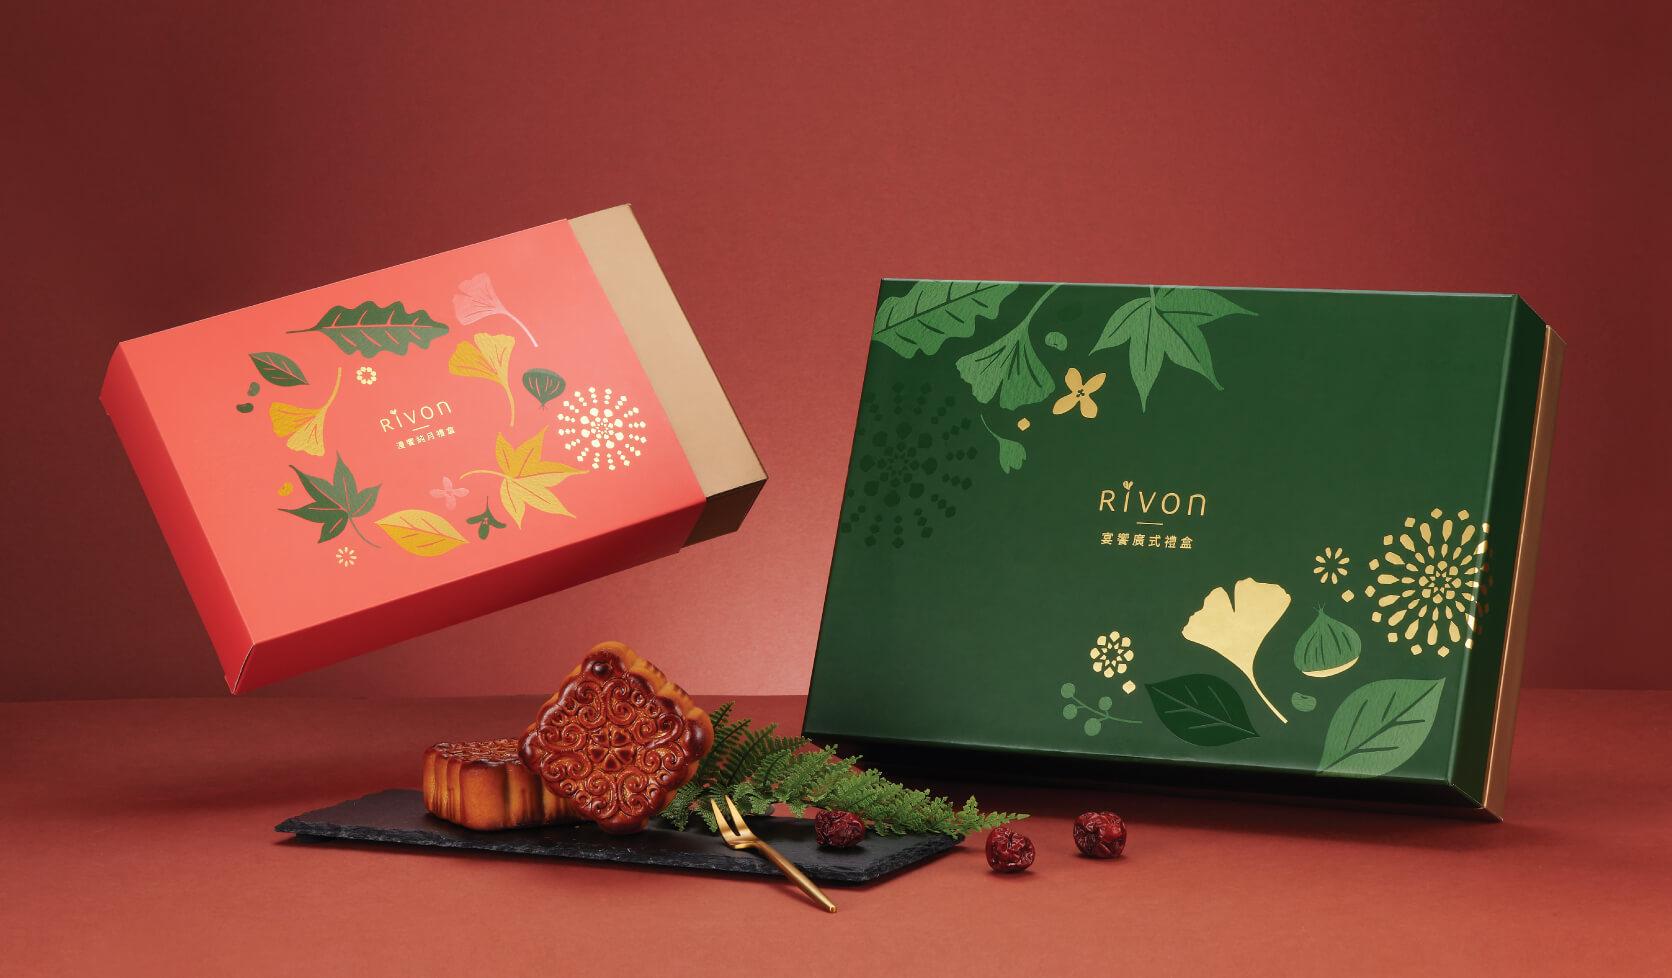 RIVON 2020中秋禮盒產品包裝設計